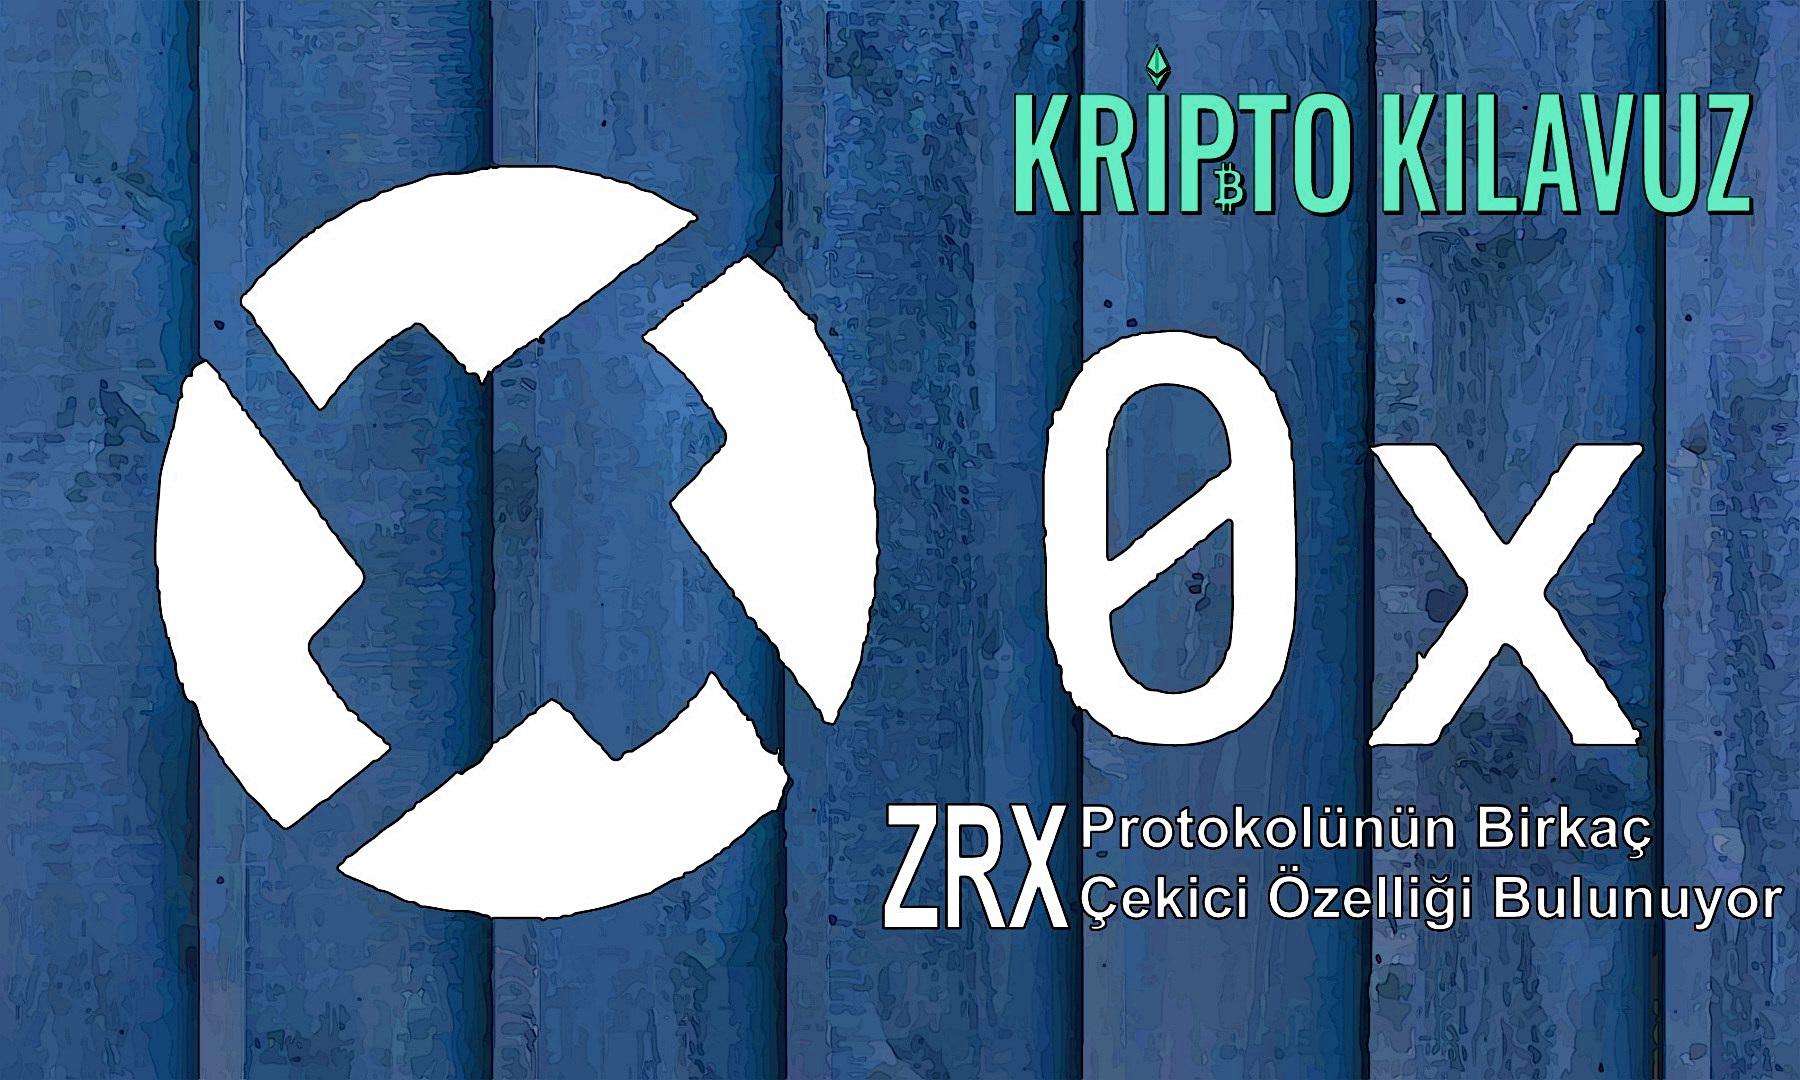 ZRX protokolünün birkaç çekici özelliği bulunuyor